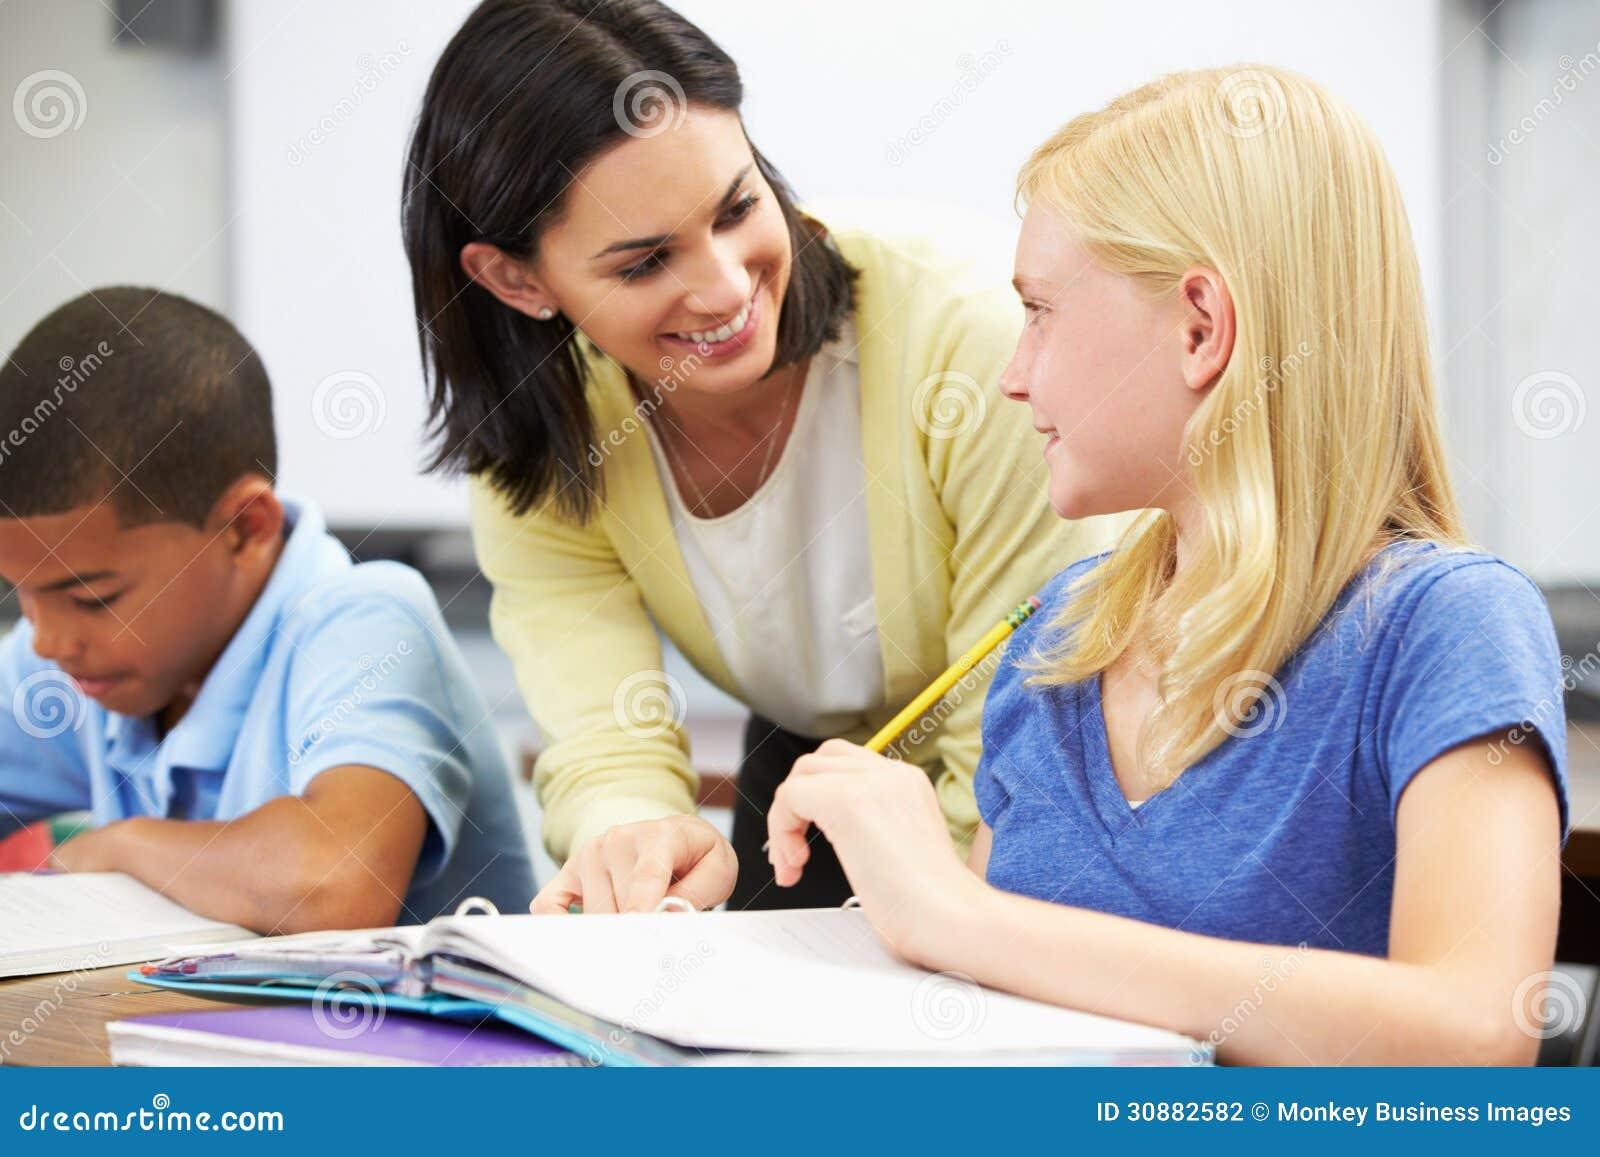 Lärare Helping Pupils Studying på skrivbord i klassrum